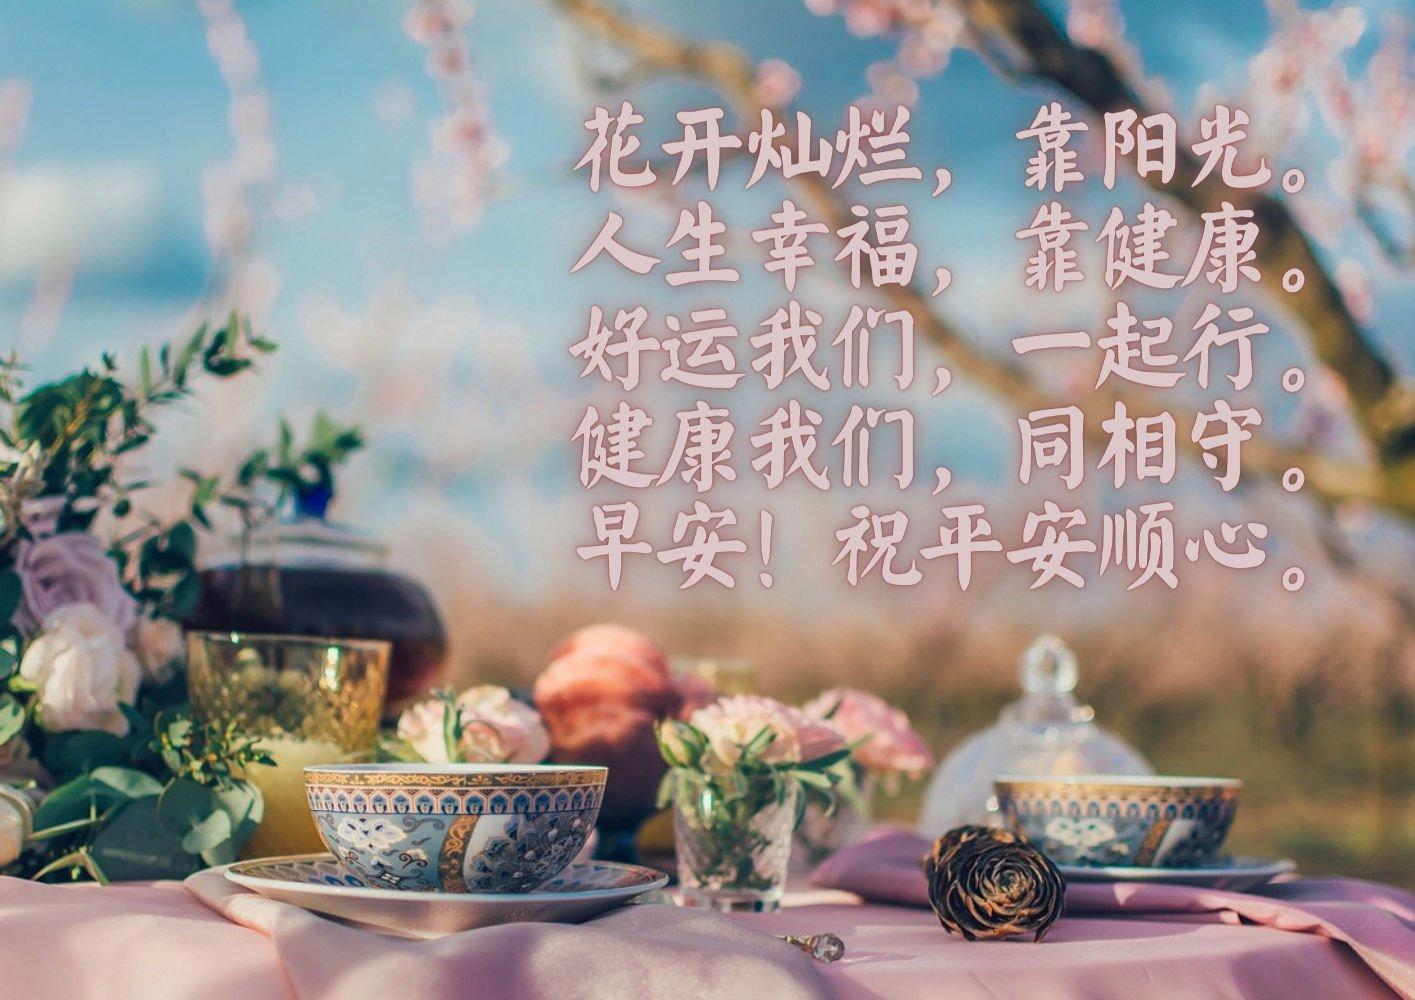 Selamat Pagi ! Semoga Selalu Dalam Kedamaian dan Kebahagiaan